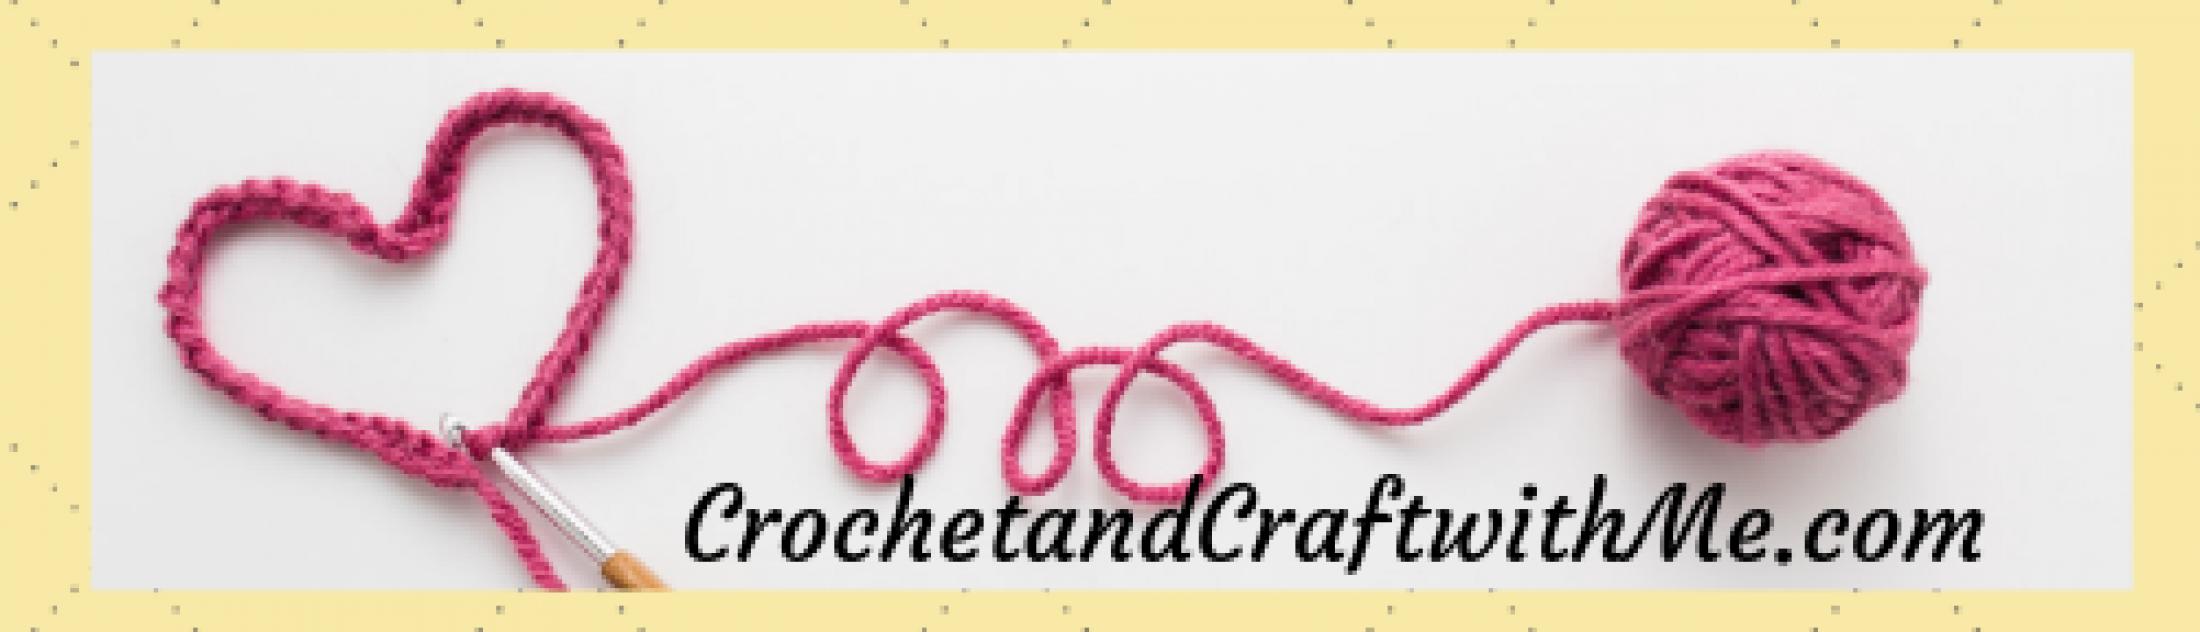 CrochetandCraftwithMe.Com